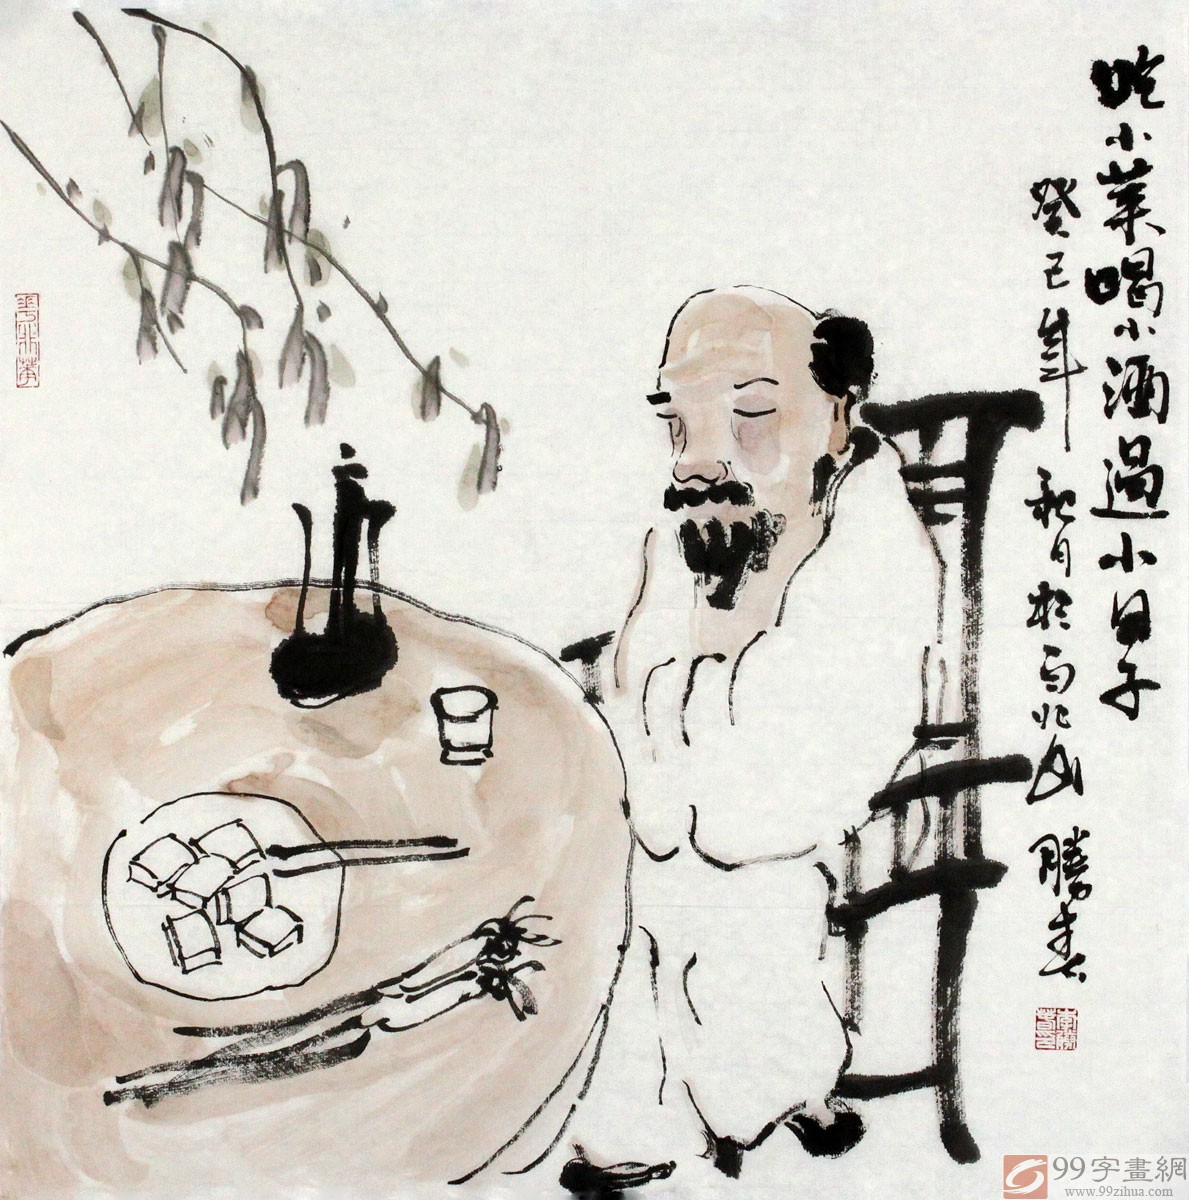 【已售】李胜春三尺斗方茶室《吃小菜喝小酒过小日子》